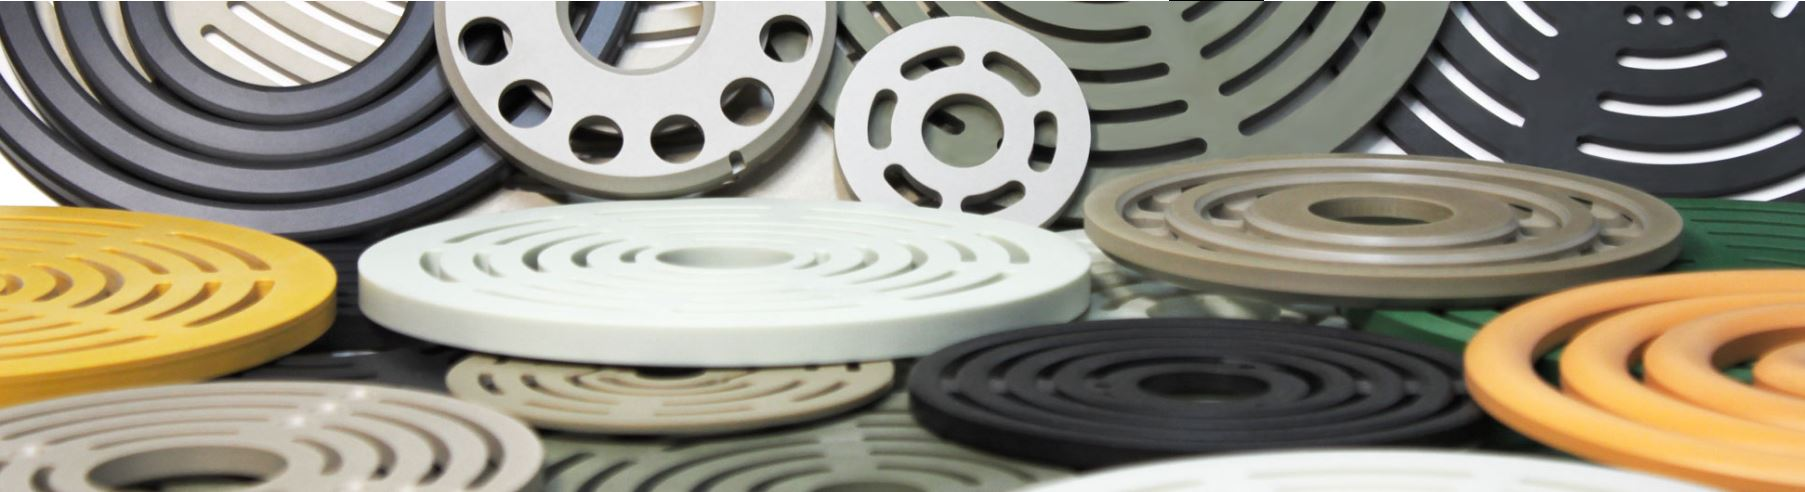 Thermoplastics | KB Delta